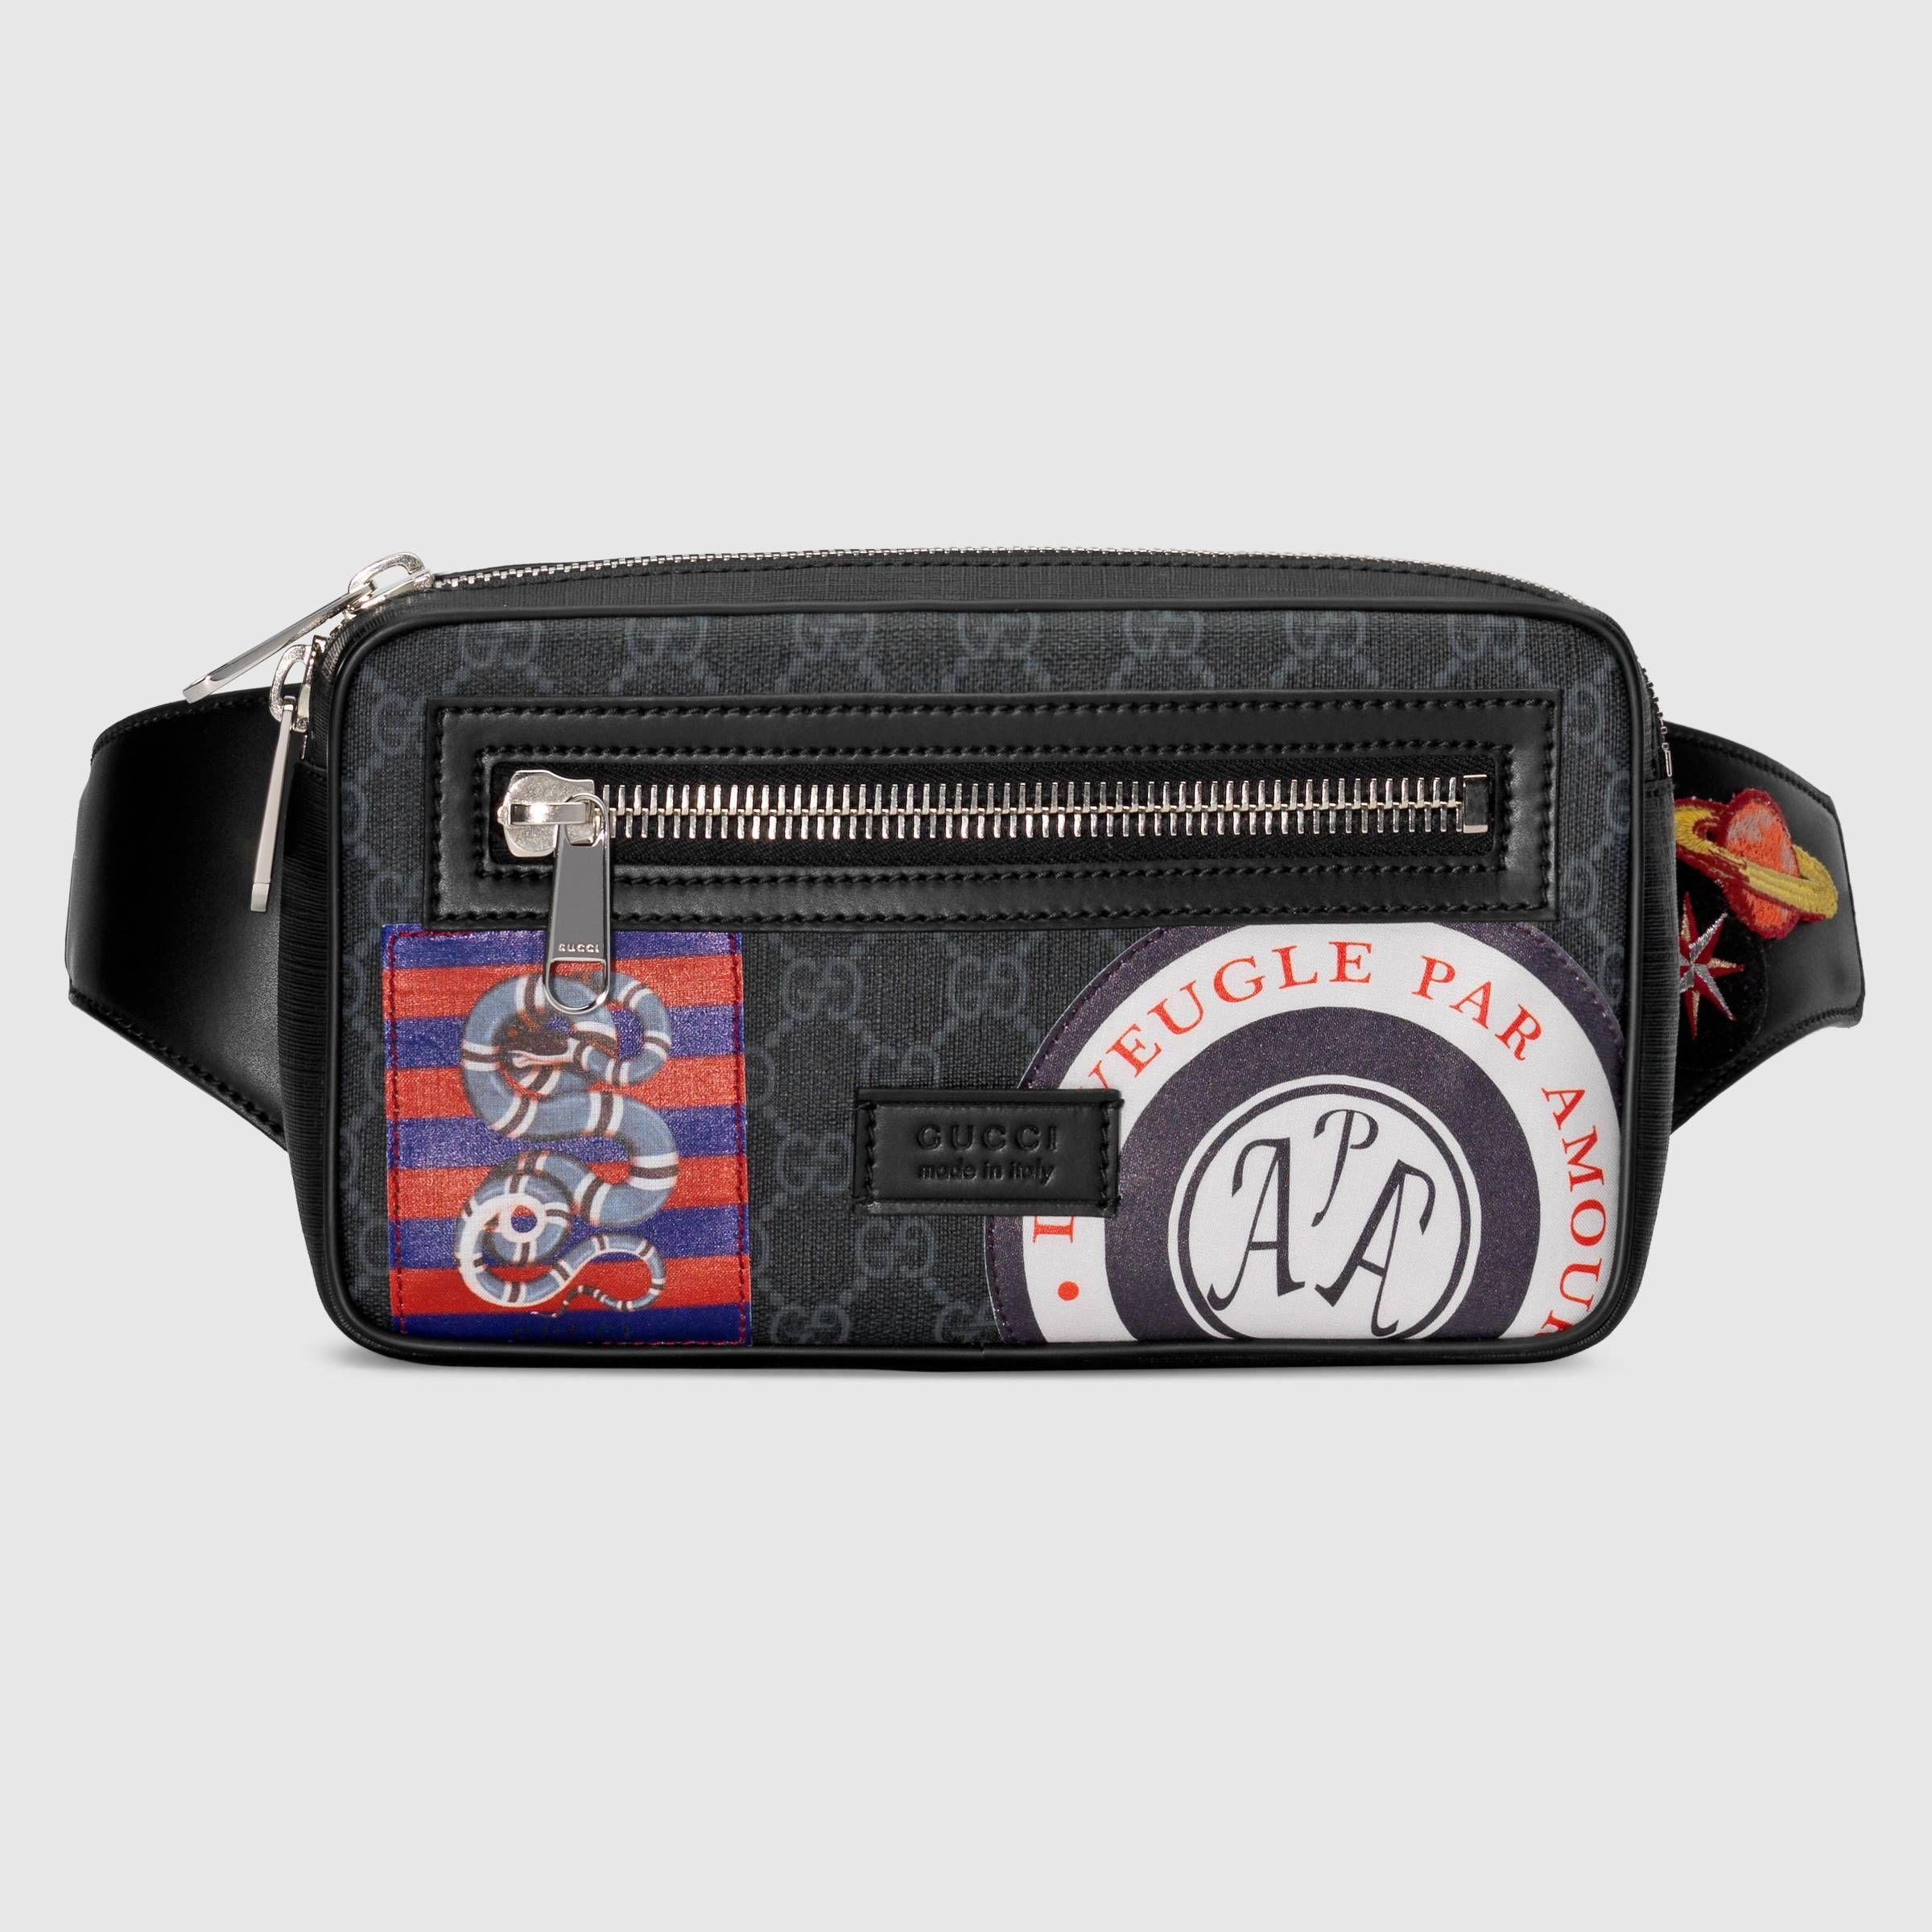 83c785465a8f Night Courrier soft GG Supreme belt bag - Gucci Men's Belt Bags  4742939IKEN8850